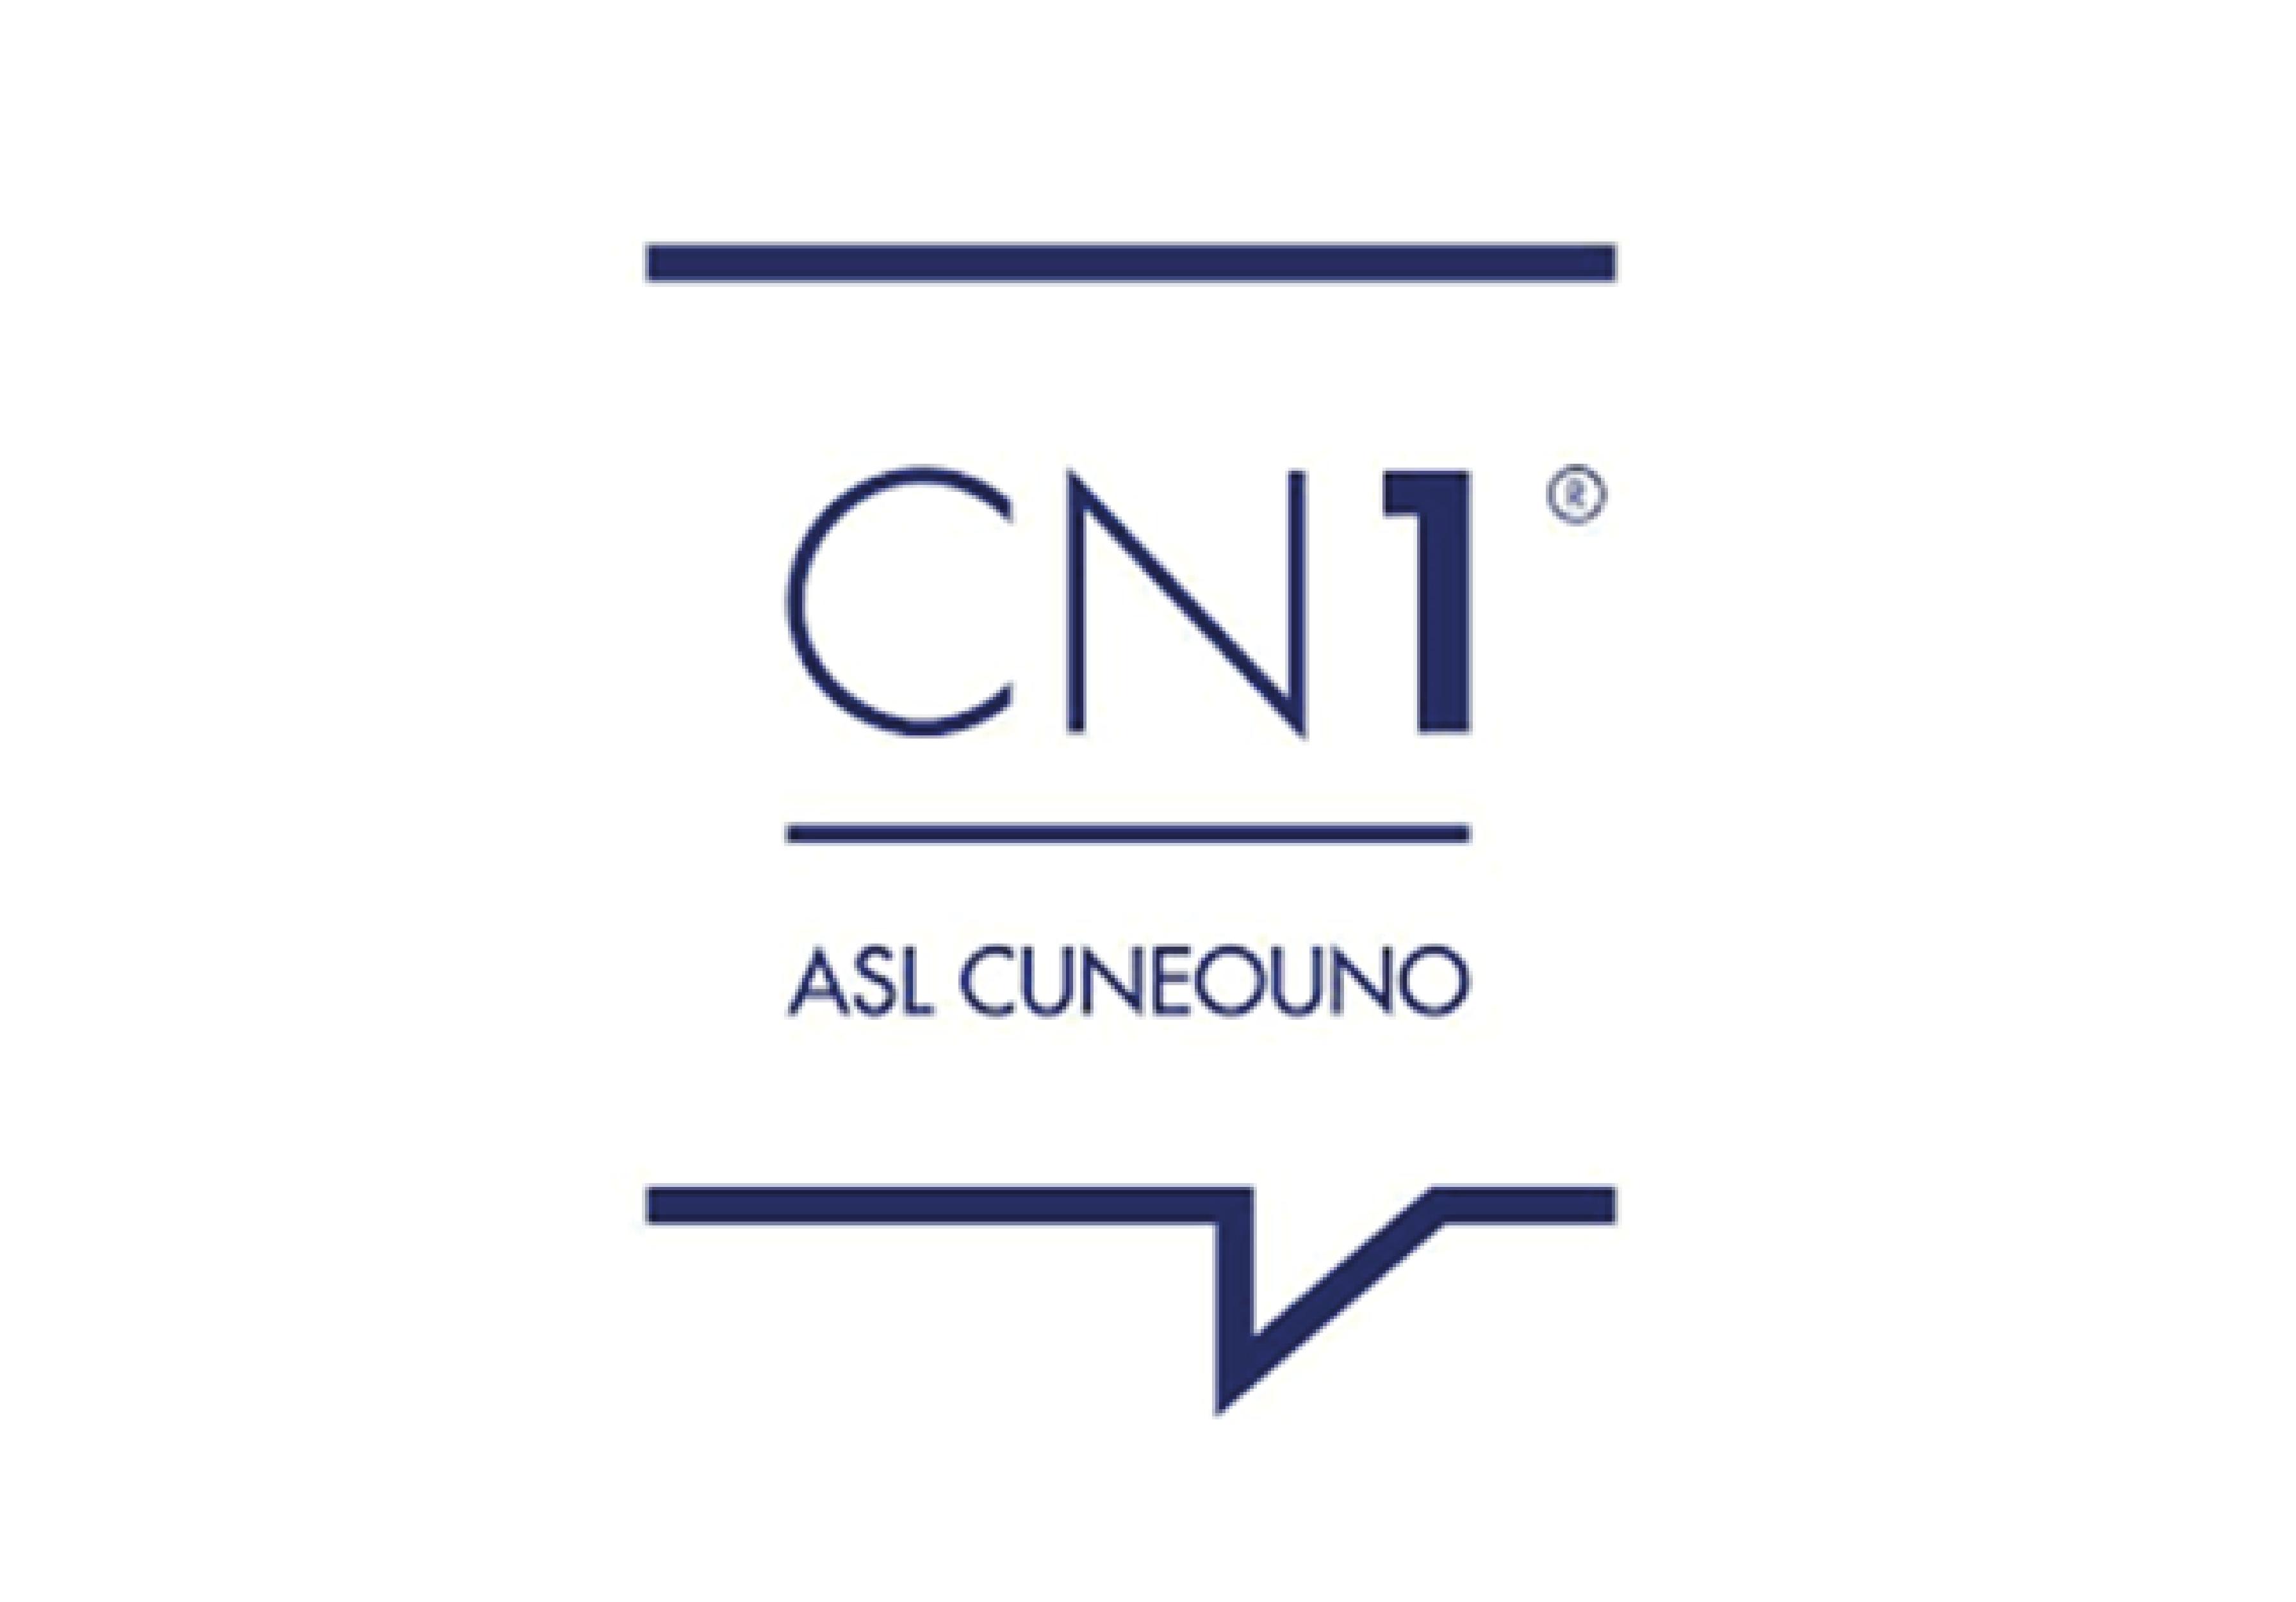 ASL - CN1 - logo